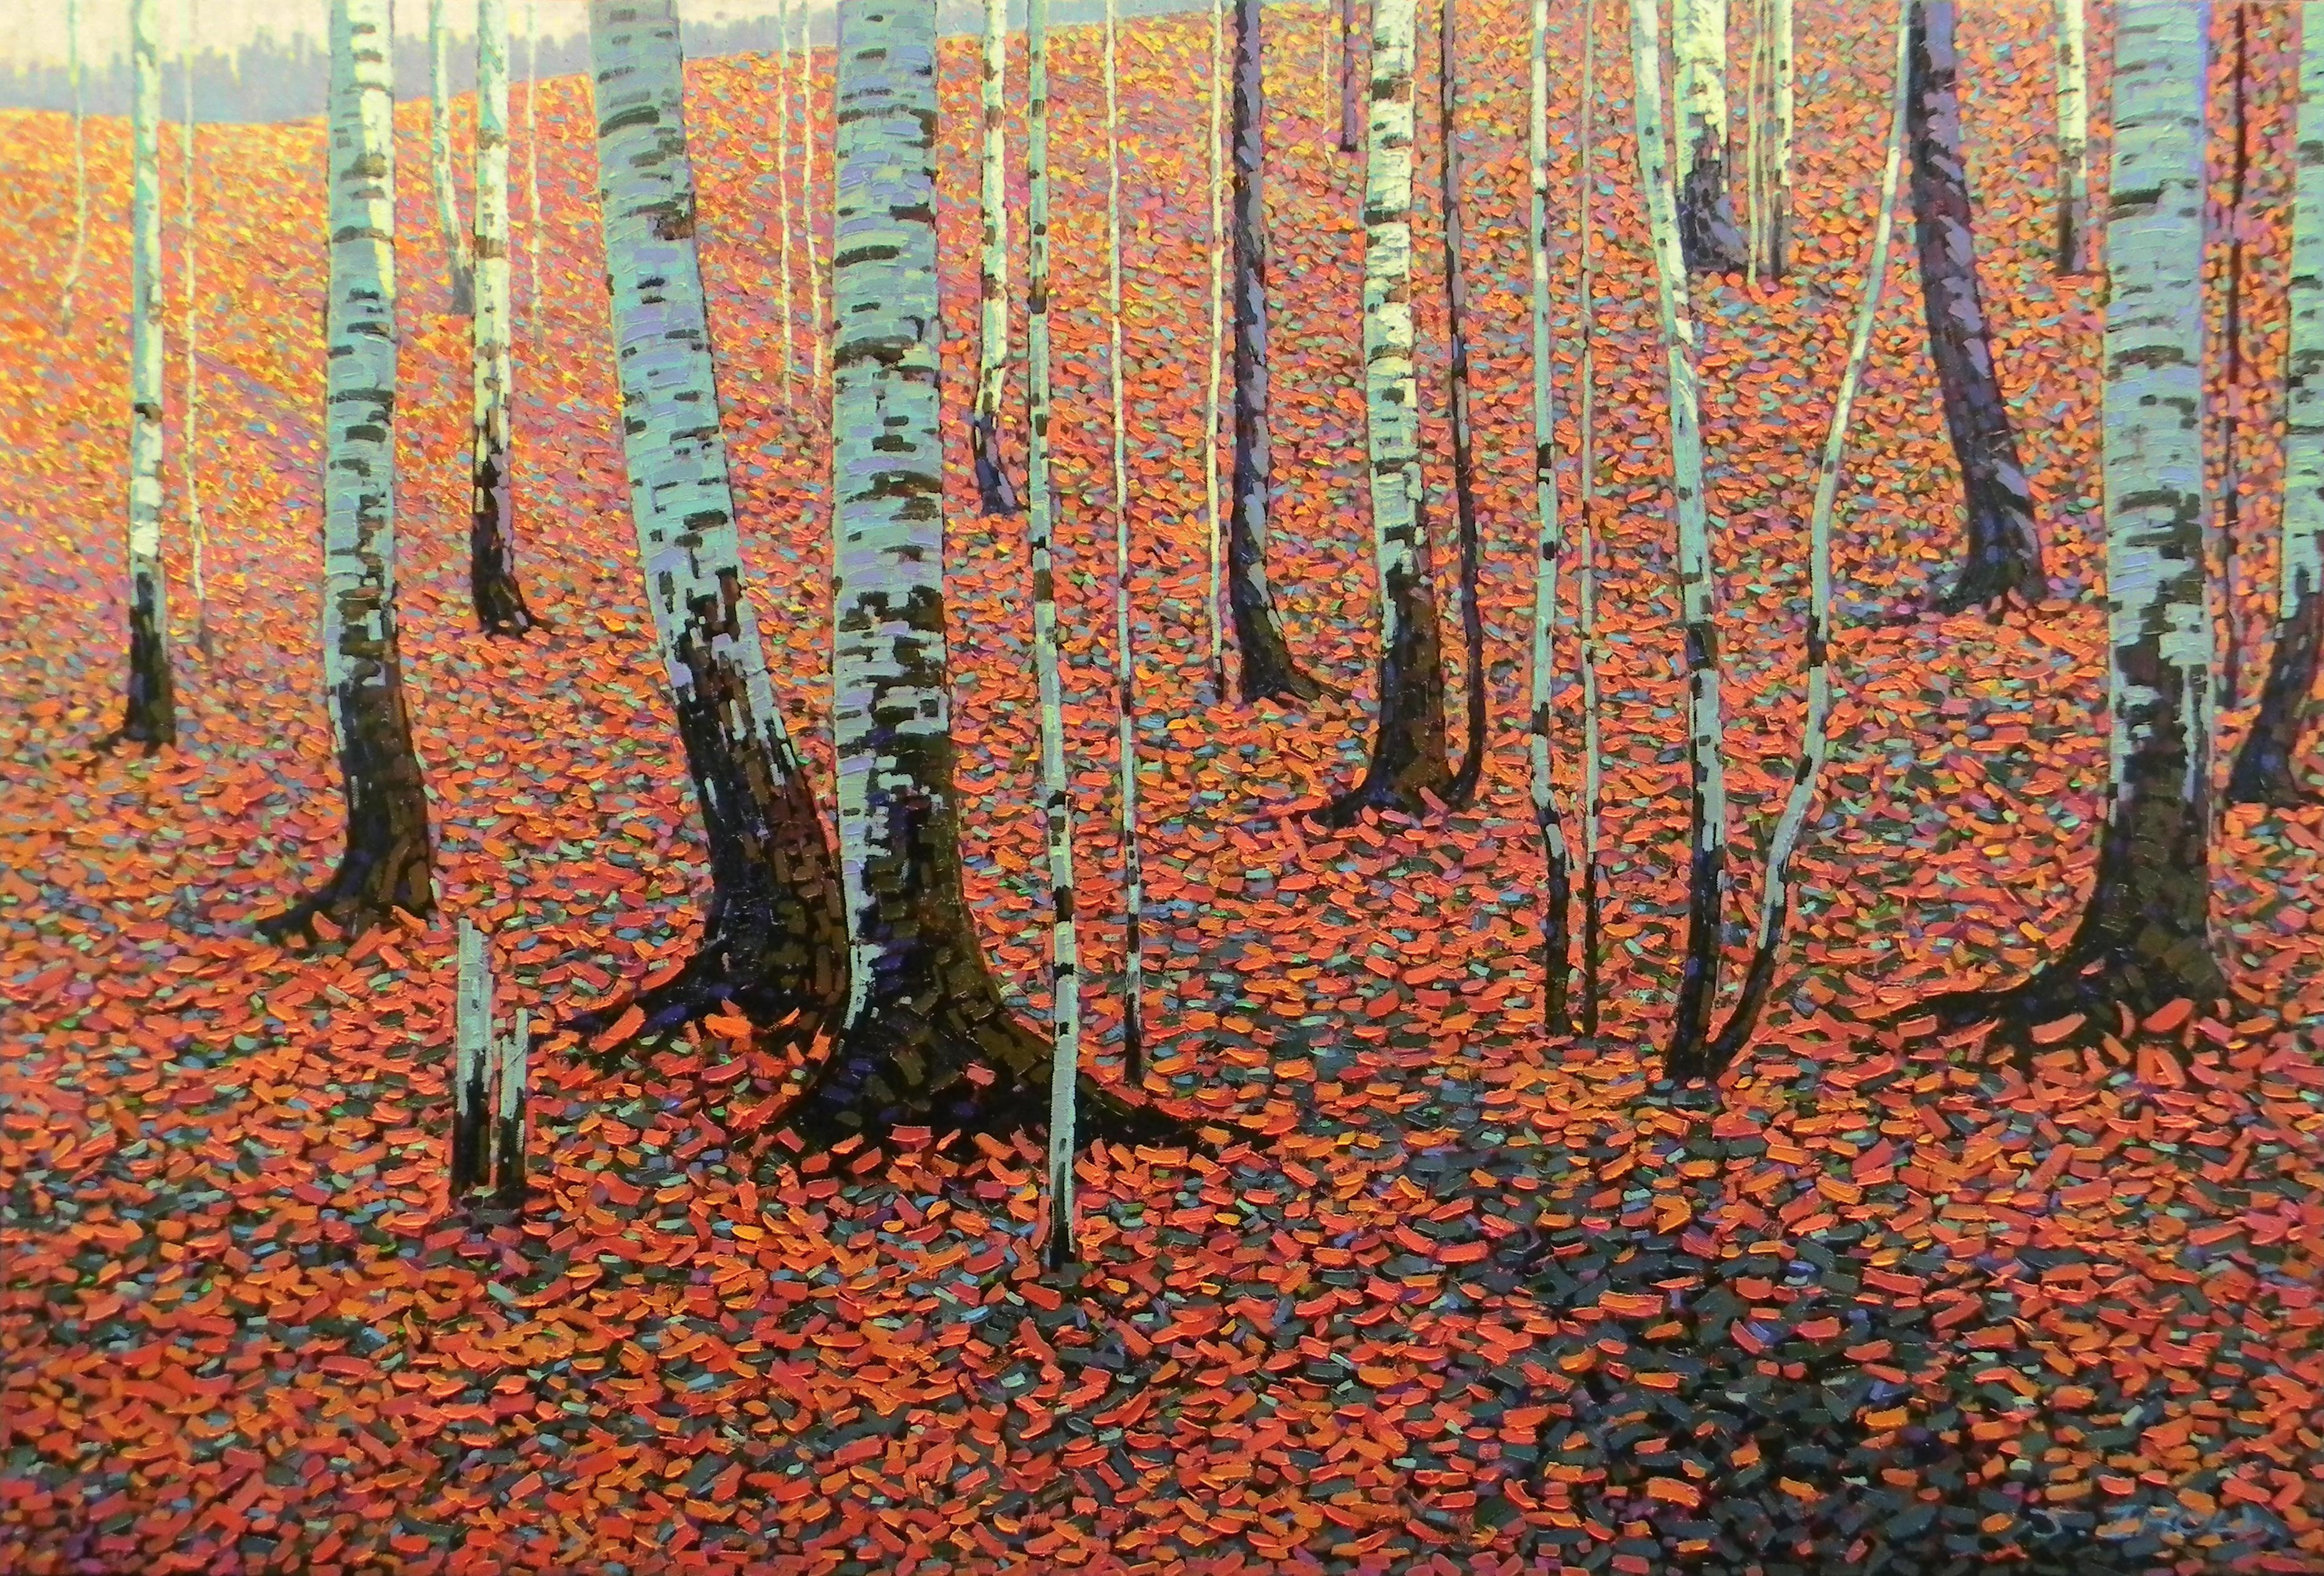 Birch Woods III